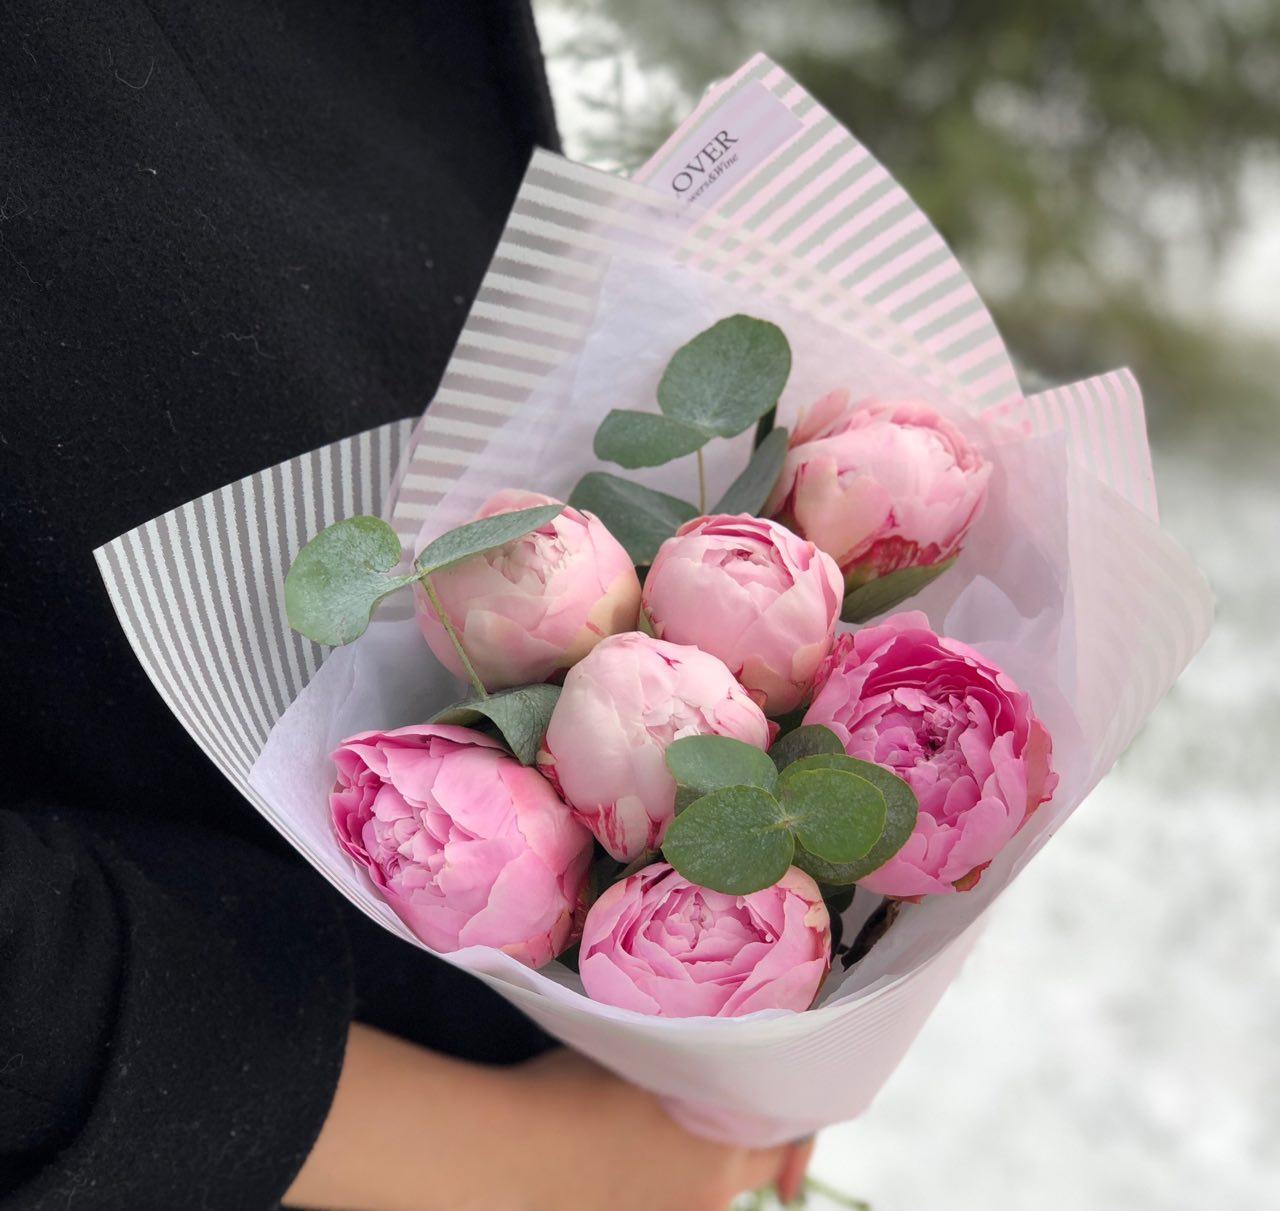 Сакура купить, заказ цветов астана пионы